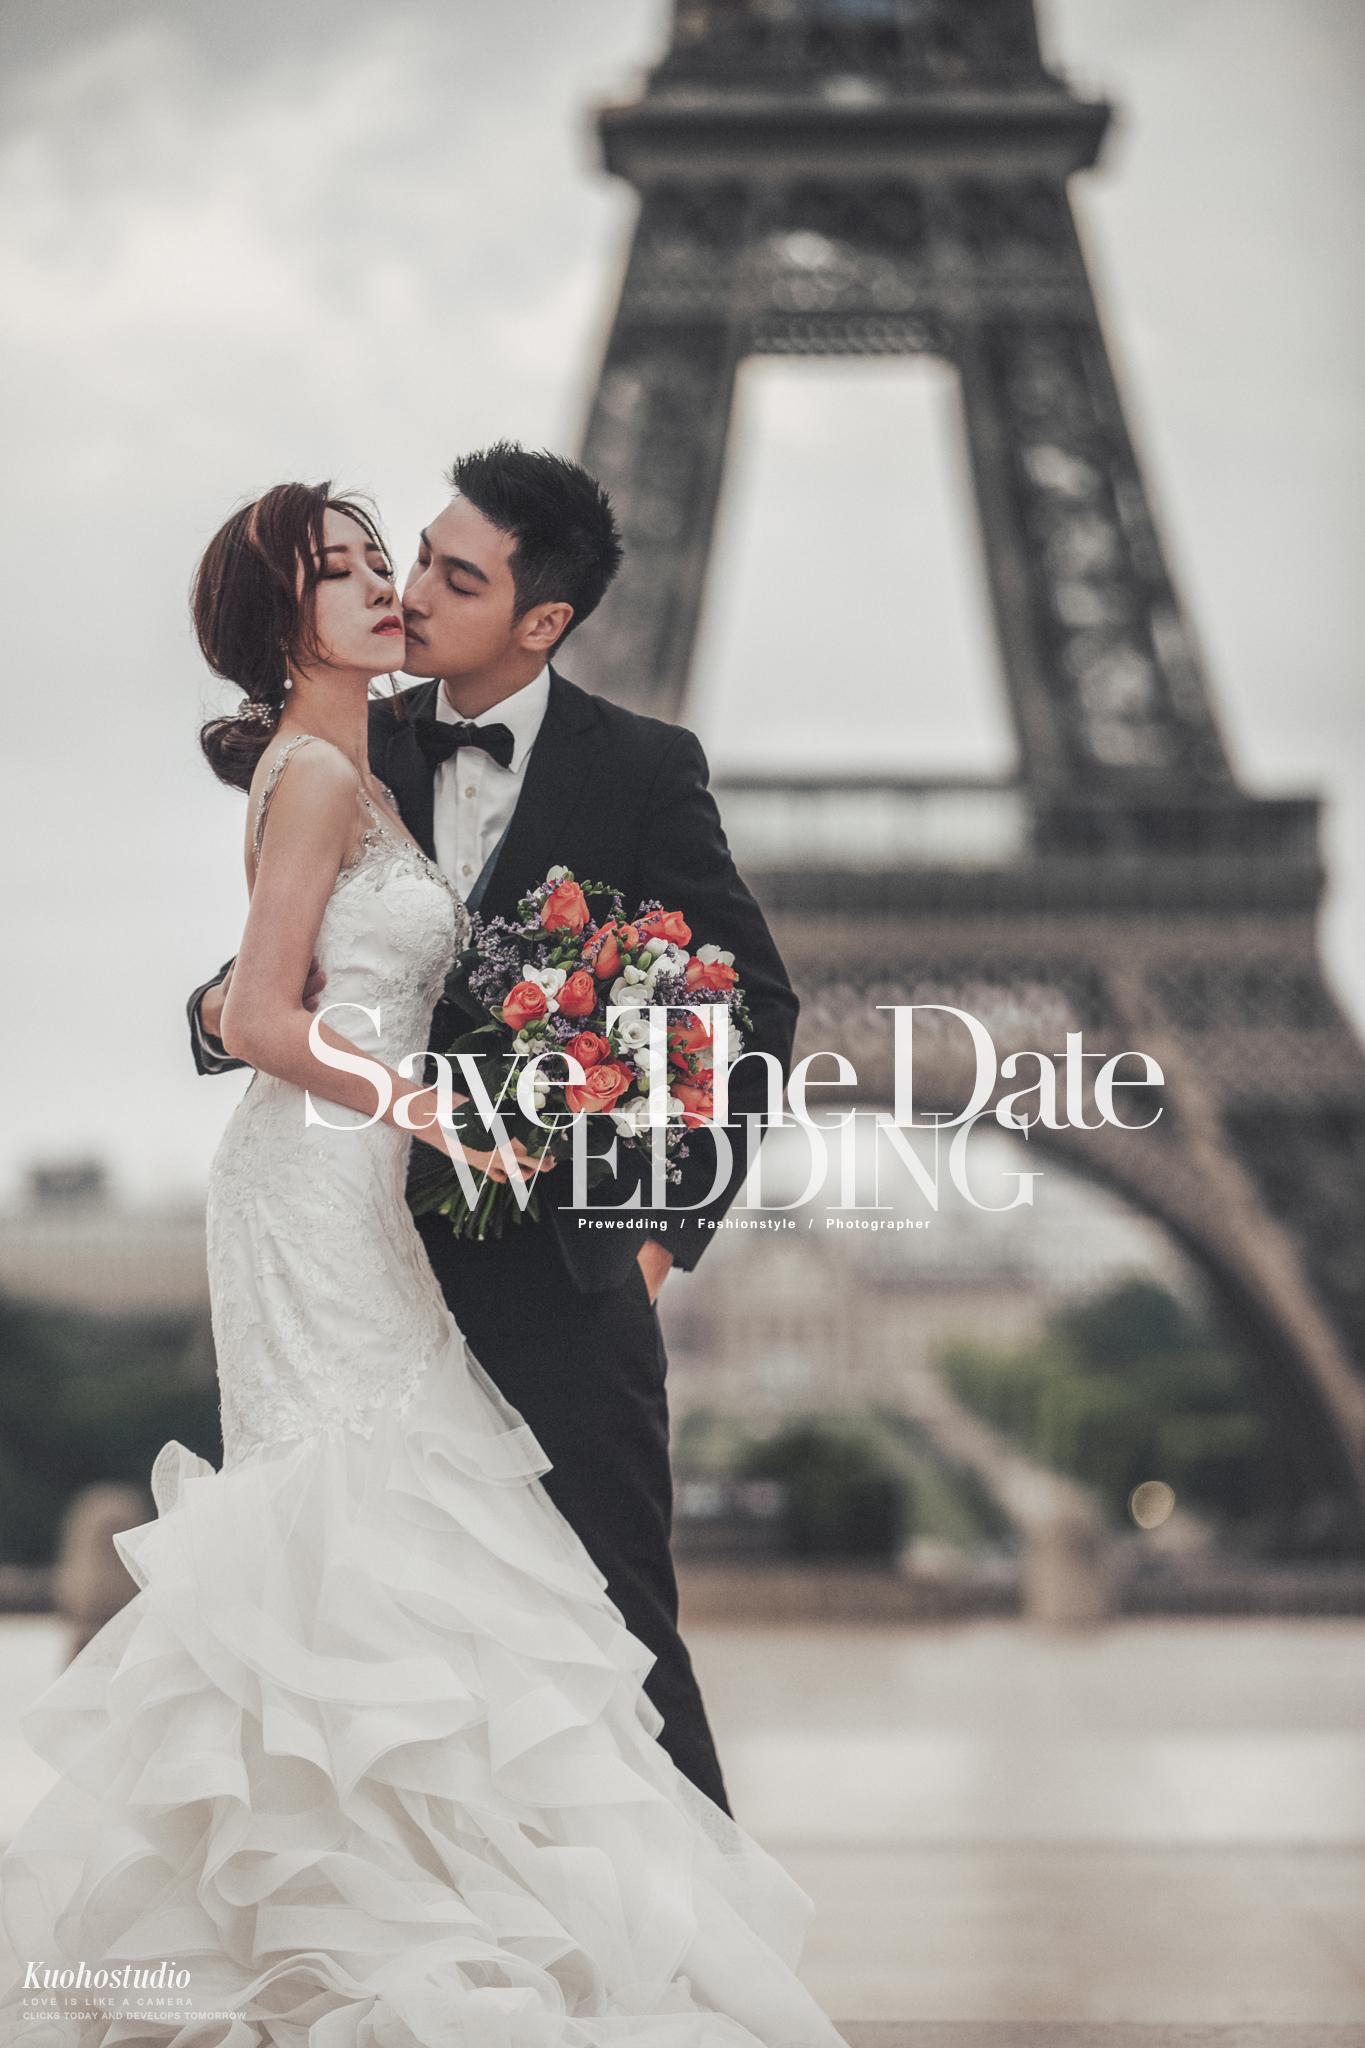 台中自助婚紗,台北自助婚紗,婚紗攝影,海外婚紗,巴黎,歐洲,巴黎海外婚紗,法國海外婚紗,郭賀影像,全球旅拍,巴黎拍婚紗,歐洲婚紗,法國拍婚紗